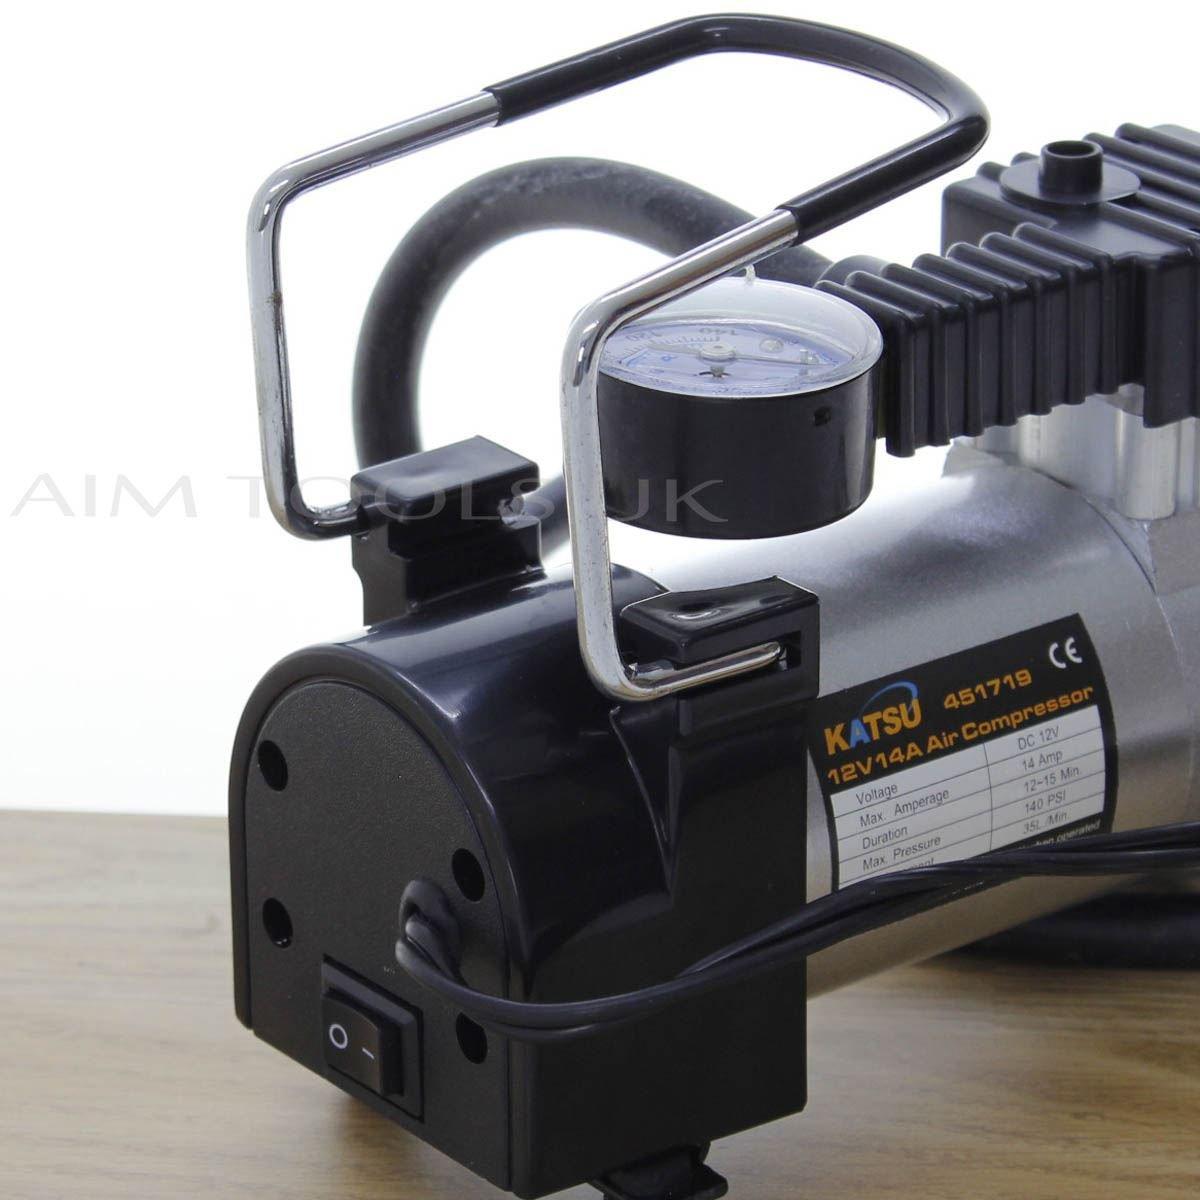 Katsu ® 451719 - Inflador de neumáticos de Coche, compresor de Aire, 12 V Gran relación Precio-Calidad: Amazon.es: Coche y moto